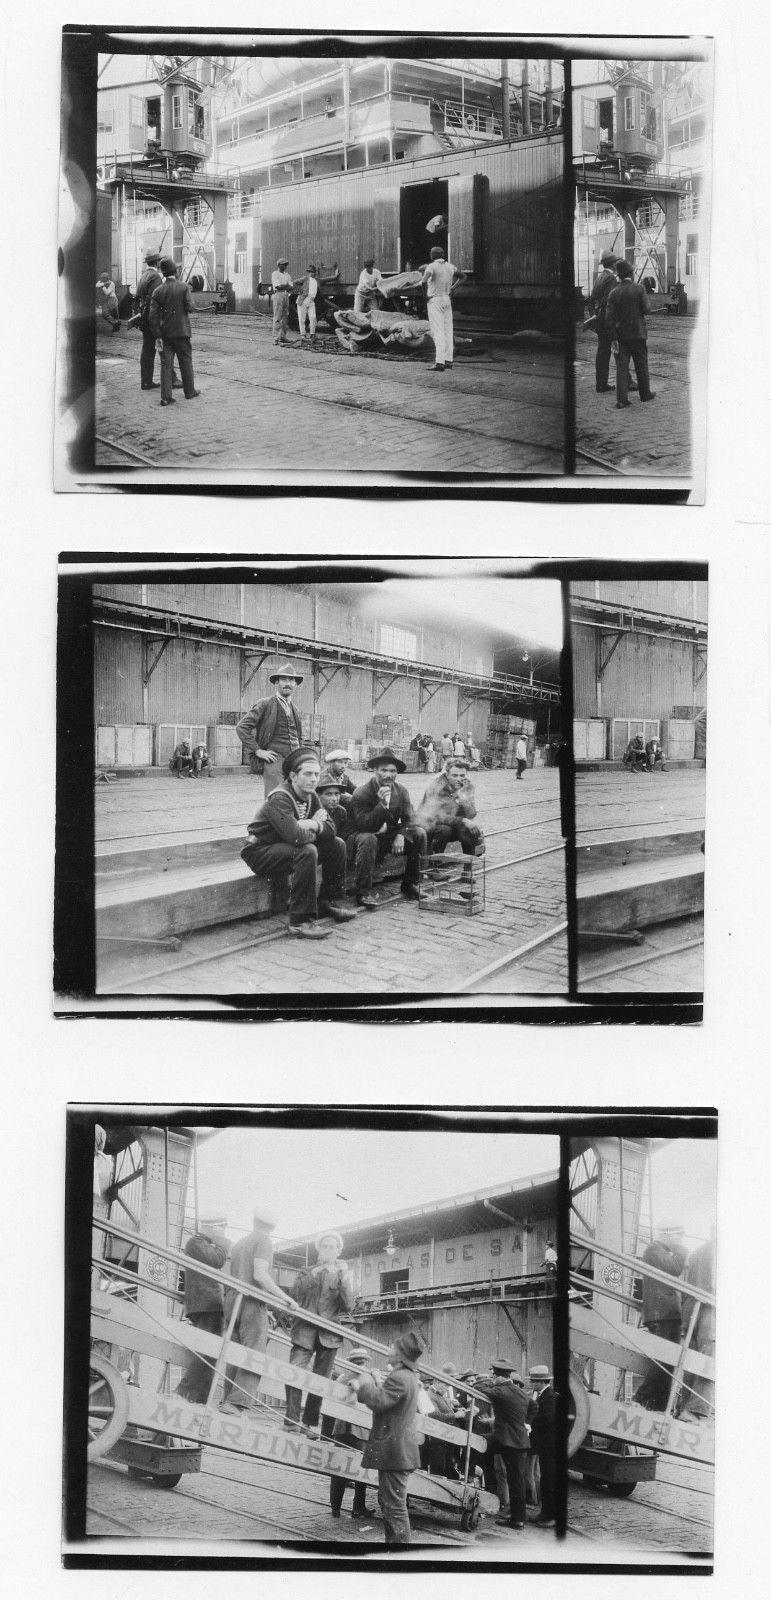 Trabalhadores no Porto de Santos. Fotos: J. Dearden Holmes.